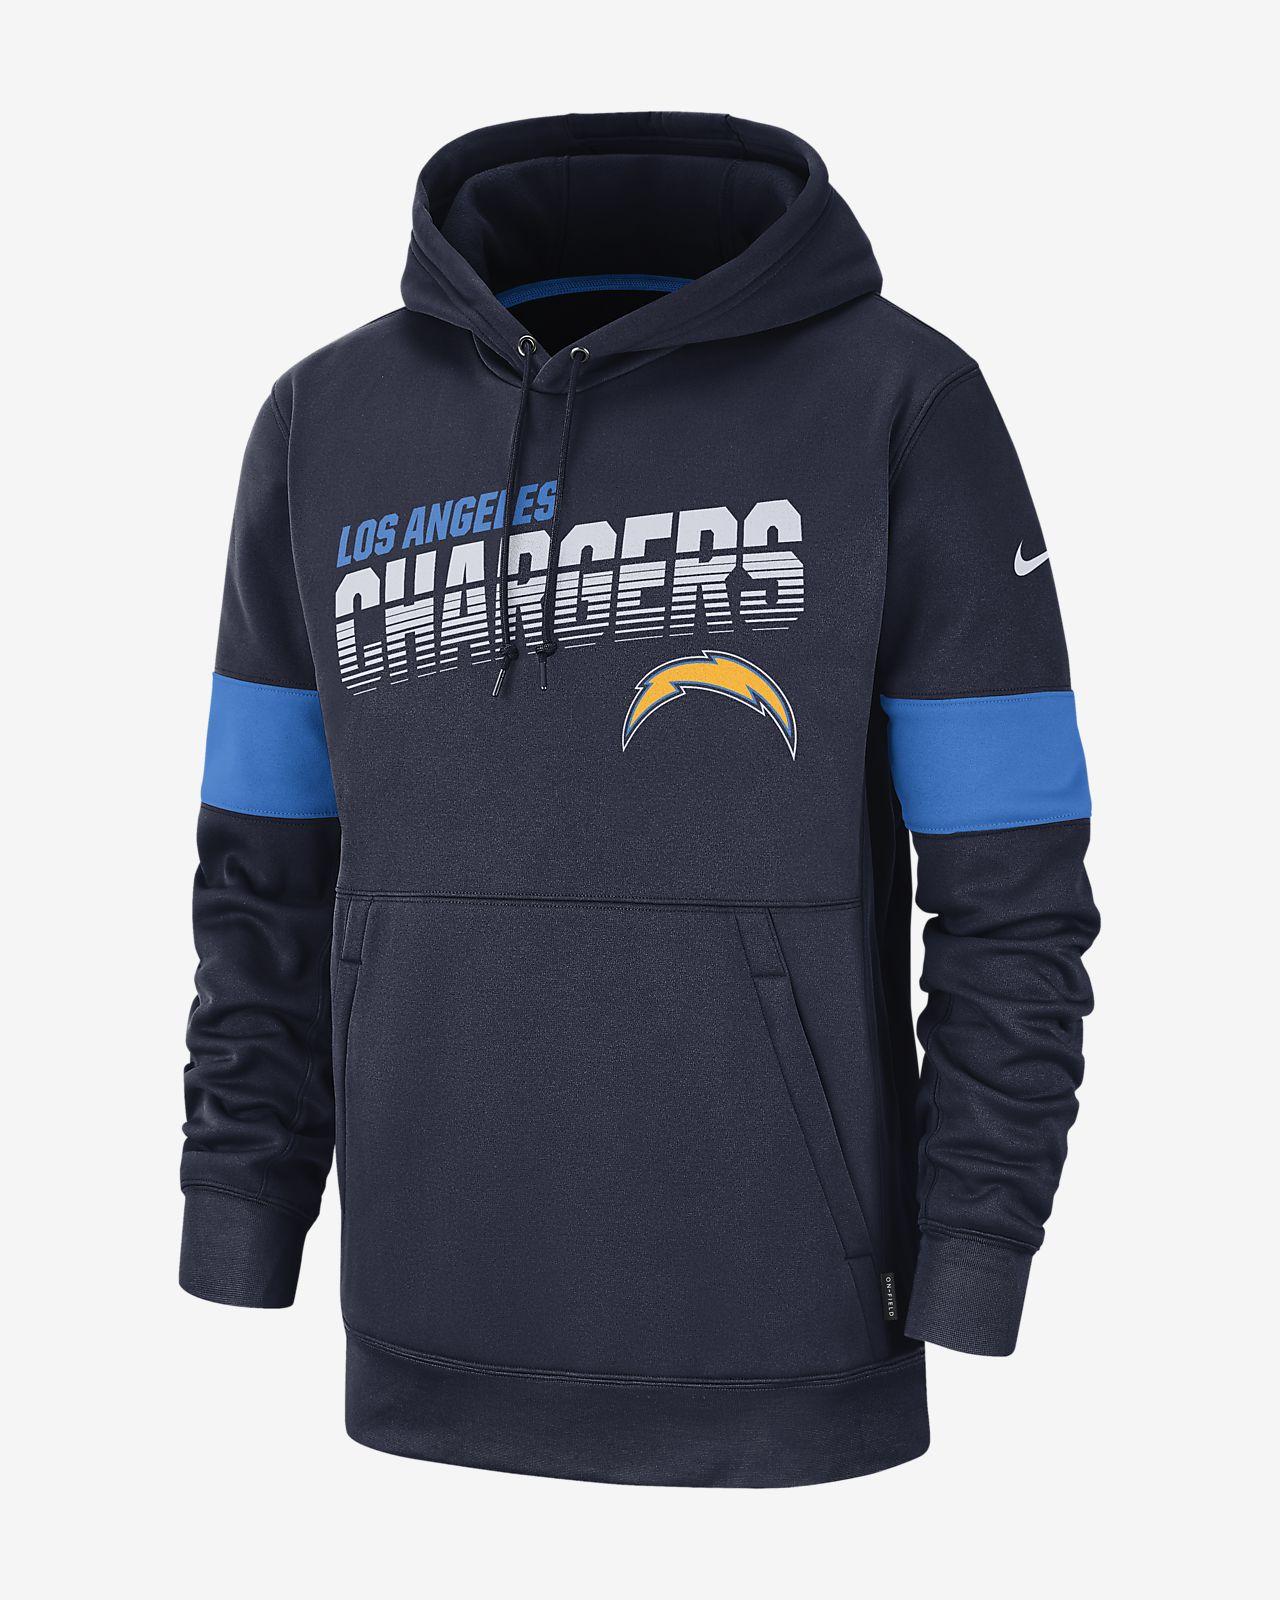 huge discount 86697 2fbd7 Nike Therma (NFL Chargers) Men's Hoodie